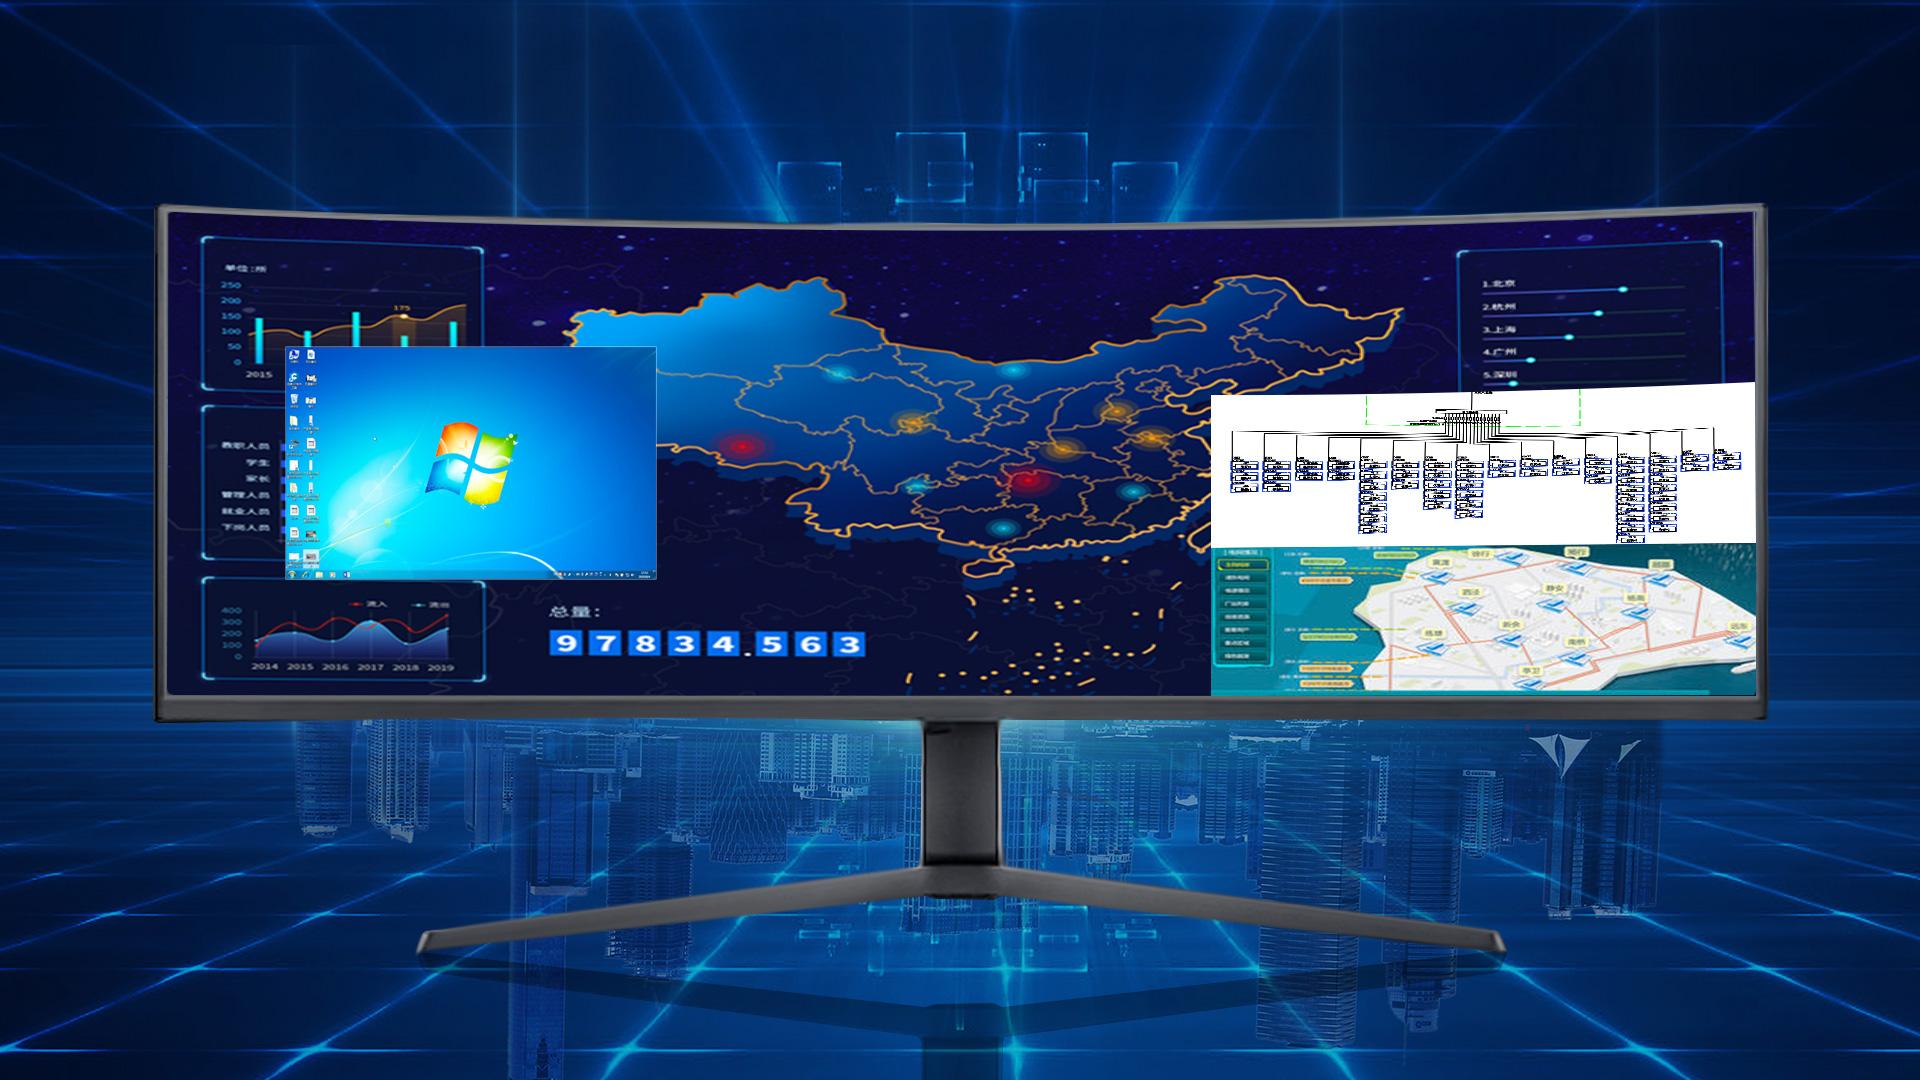 6信号源调用及布局规划管理.jpg